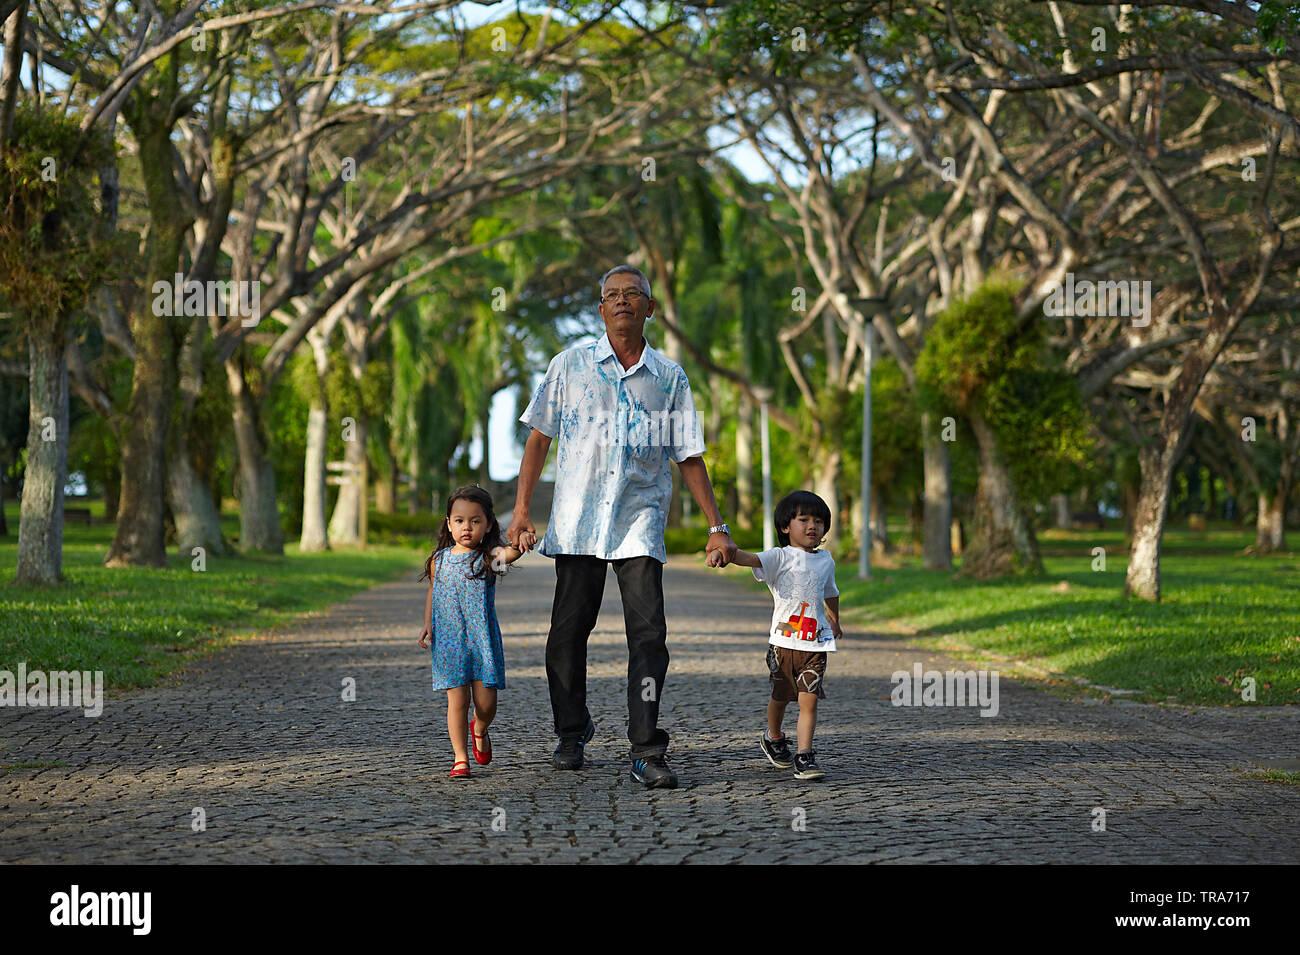 Asian nonno camminando mano nella mano con i suoi due giovani grand i bambini nel parco Immagini Stock